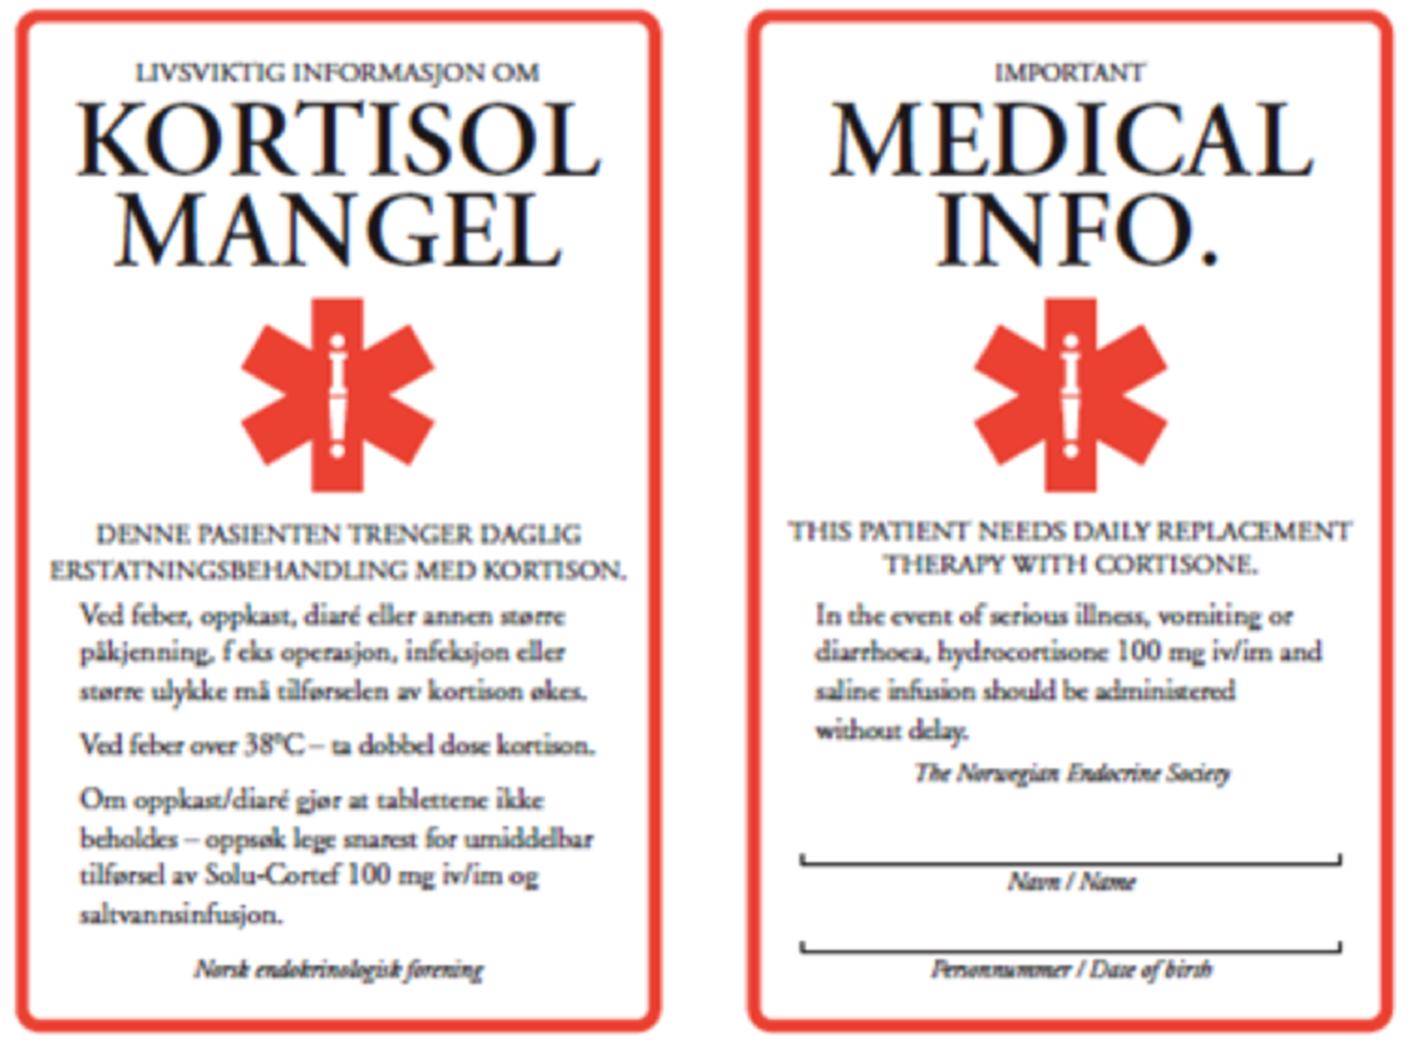 Binyrebarksvikt; årsak, diagnostikk og behandling | Indremedisineren